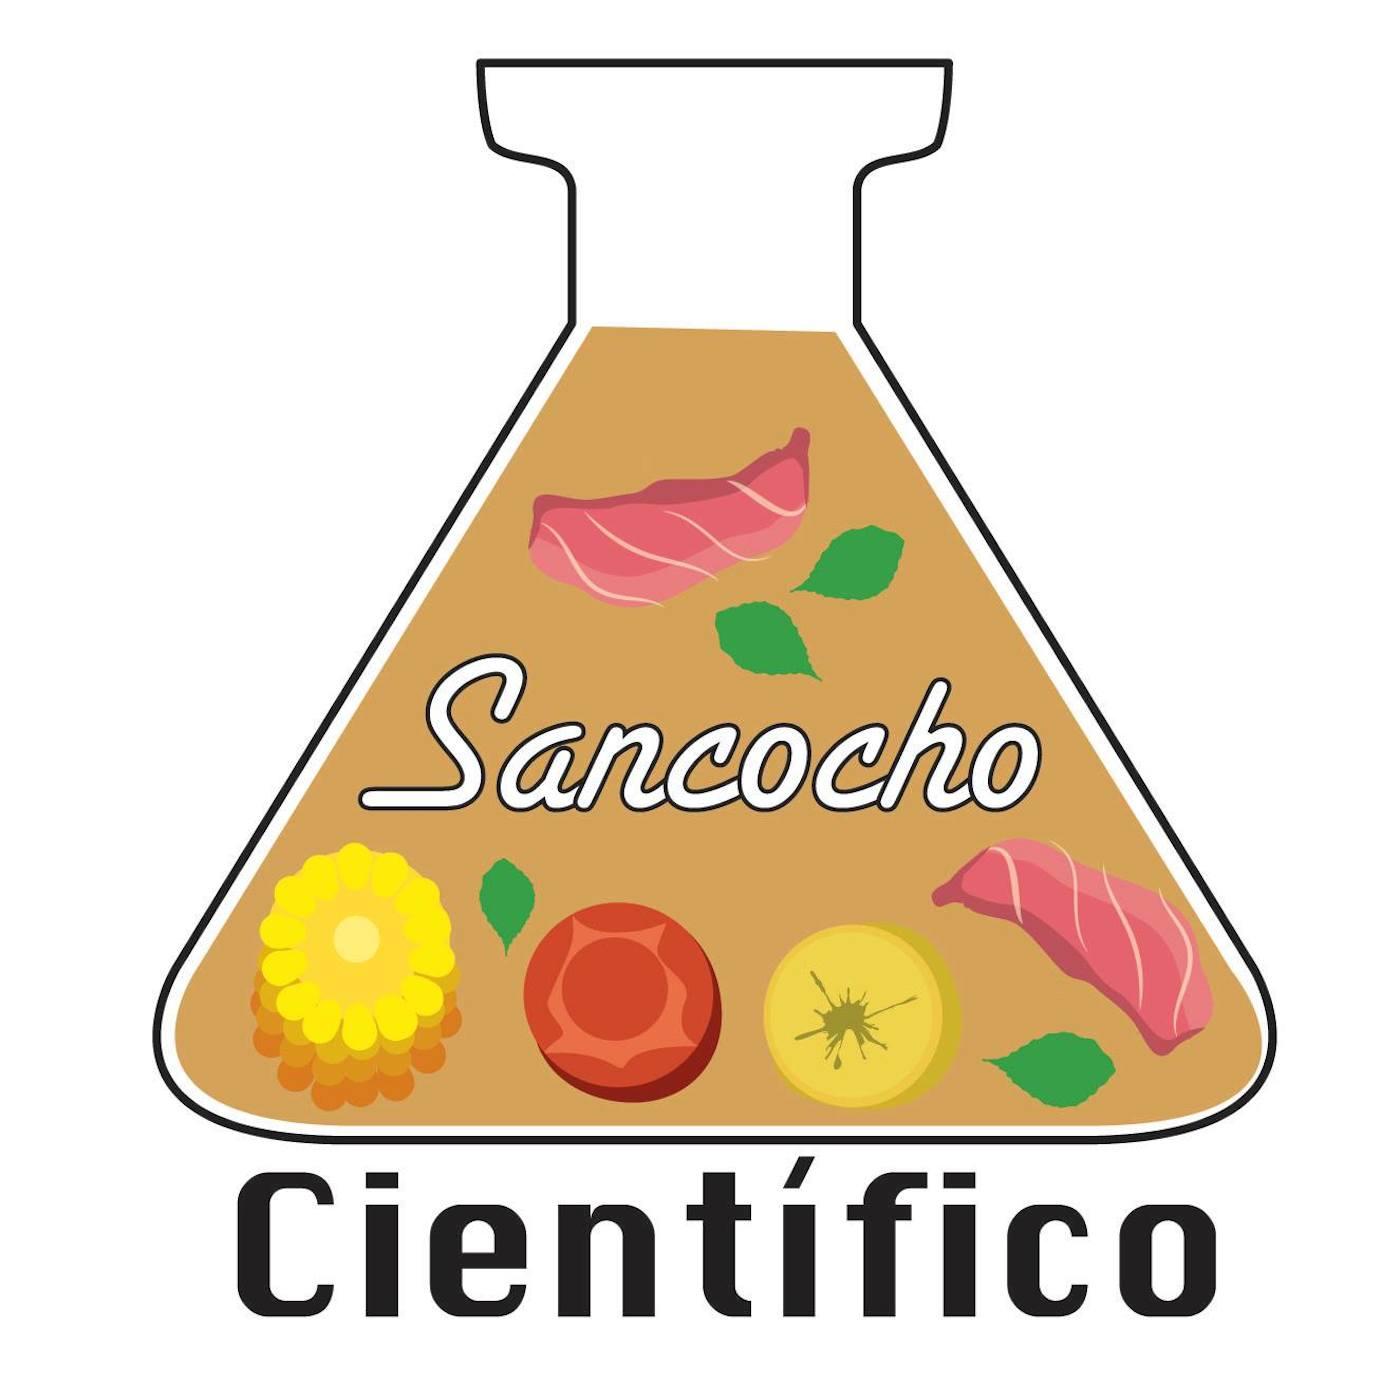 Sancocho Científico